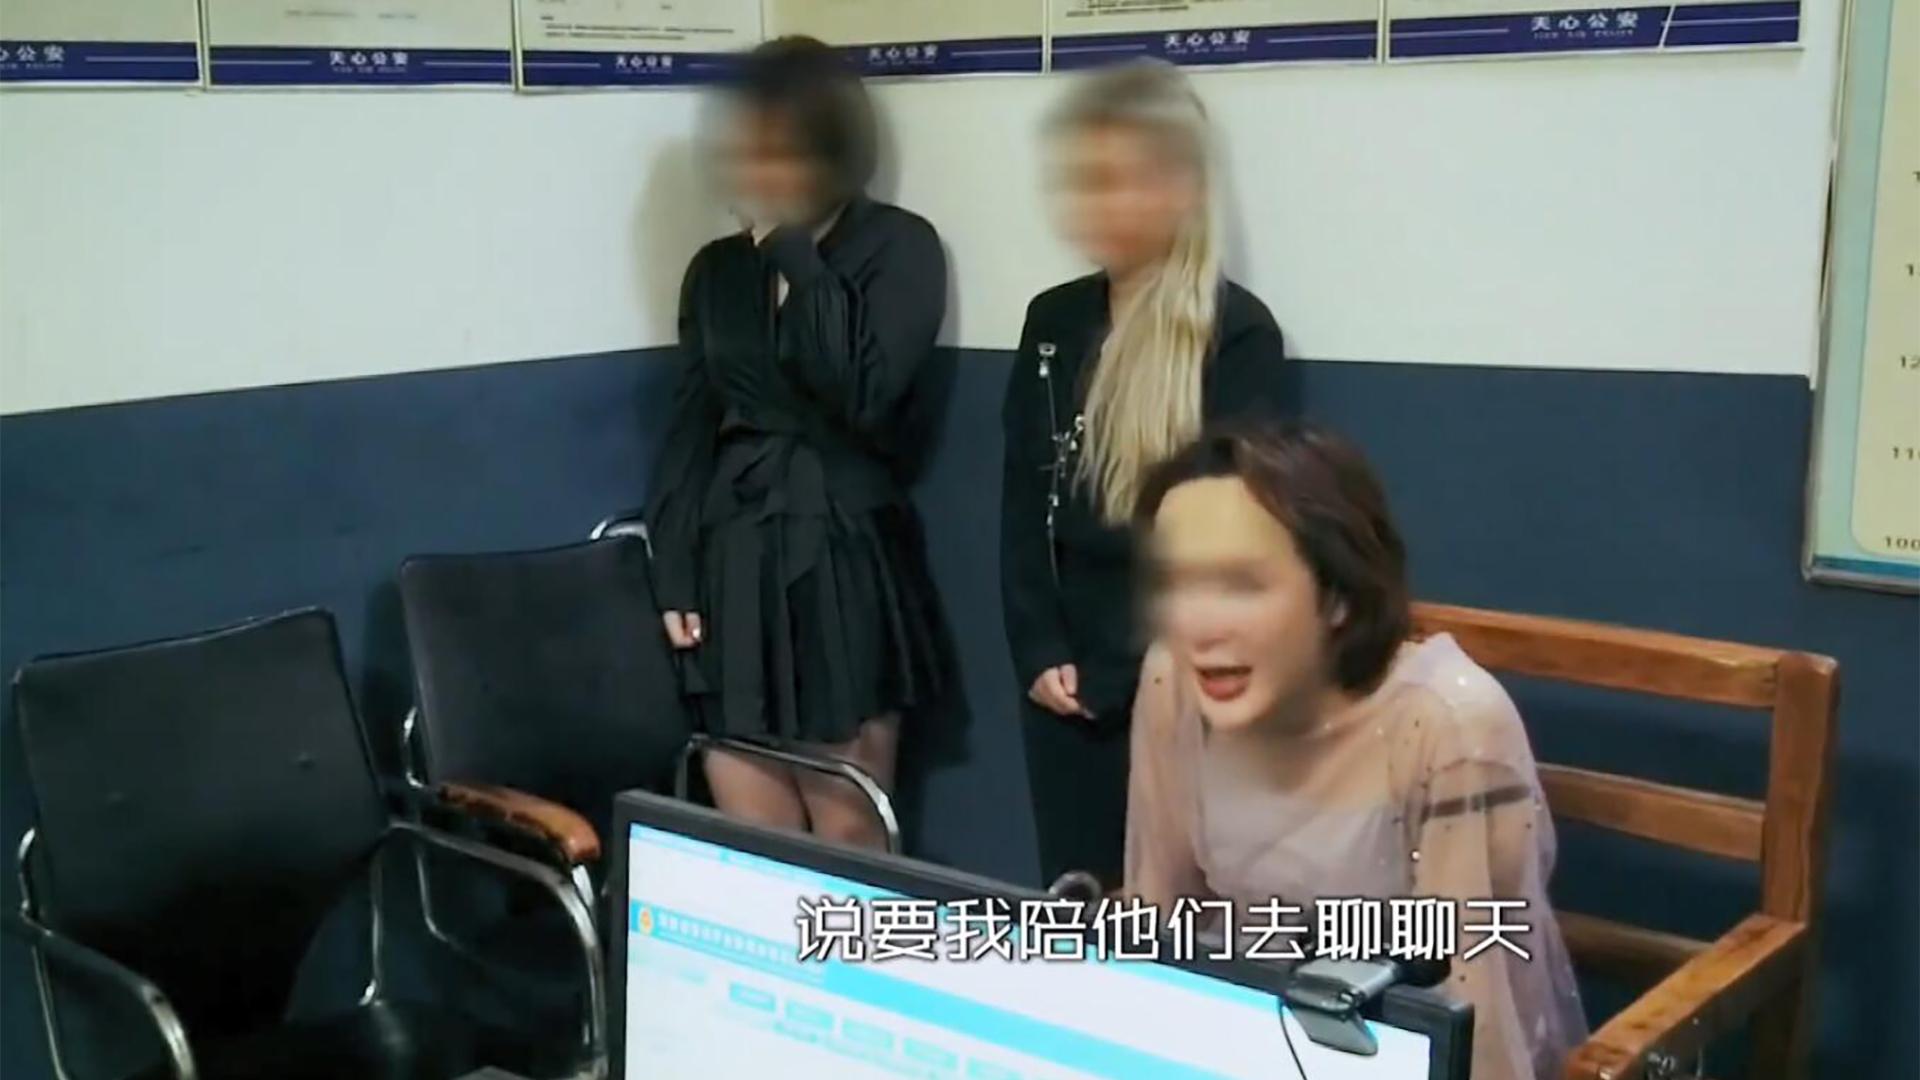 美女吸毒被抓,挣扎中假发掉落,一露真相警察傻眼了!纪录片#守护解放西#奇葩